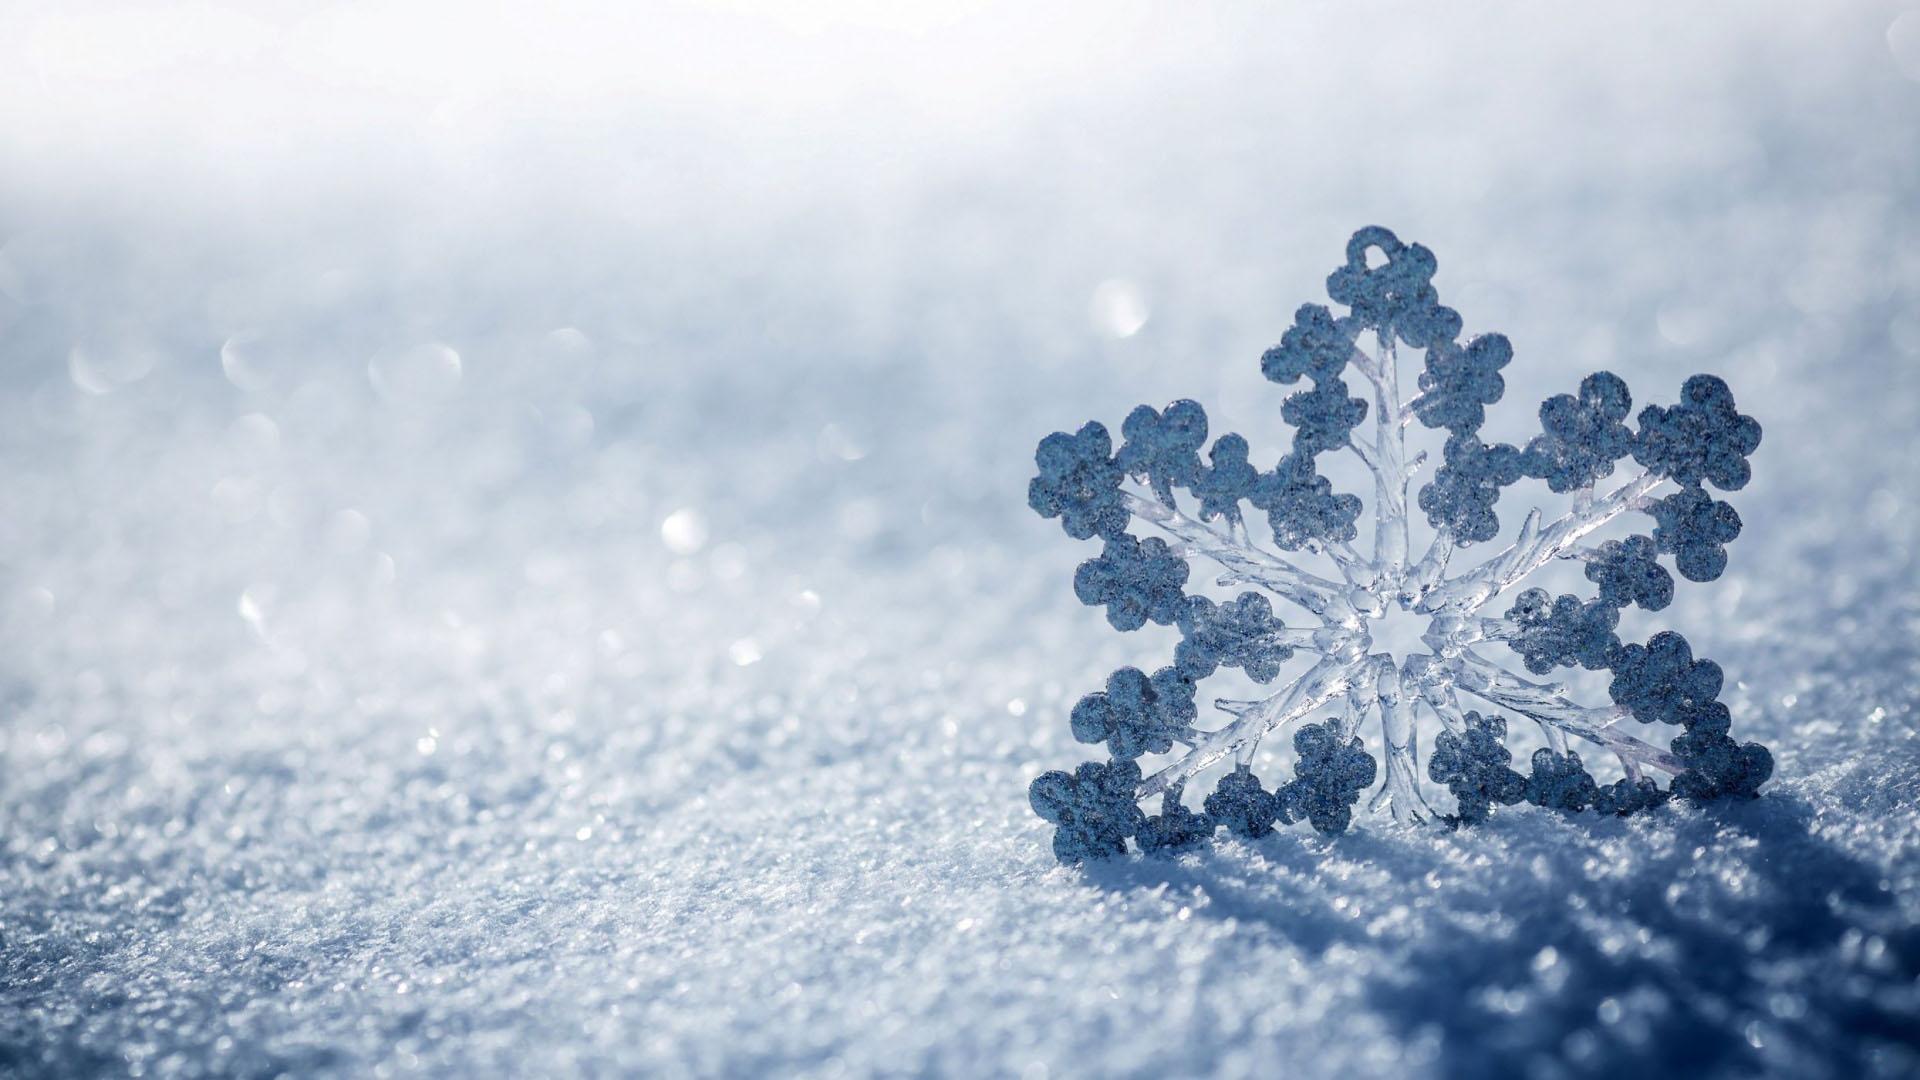 Hình nền mùa đông full hd